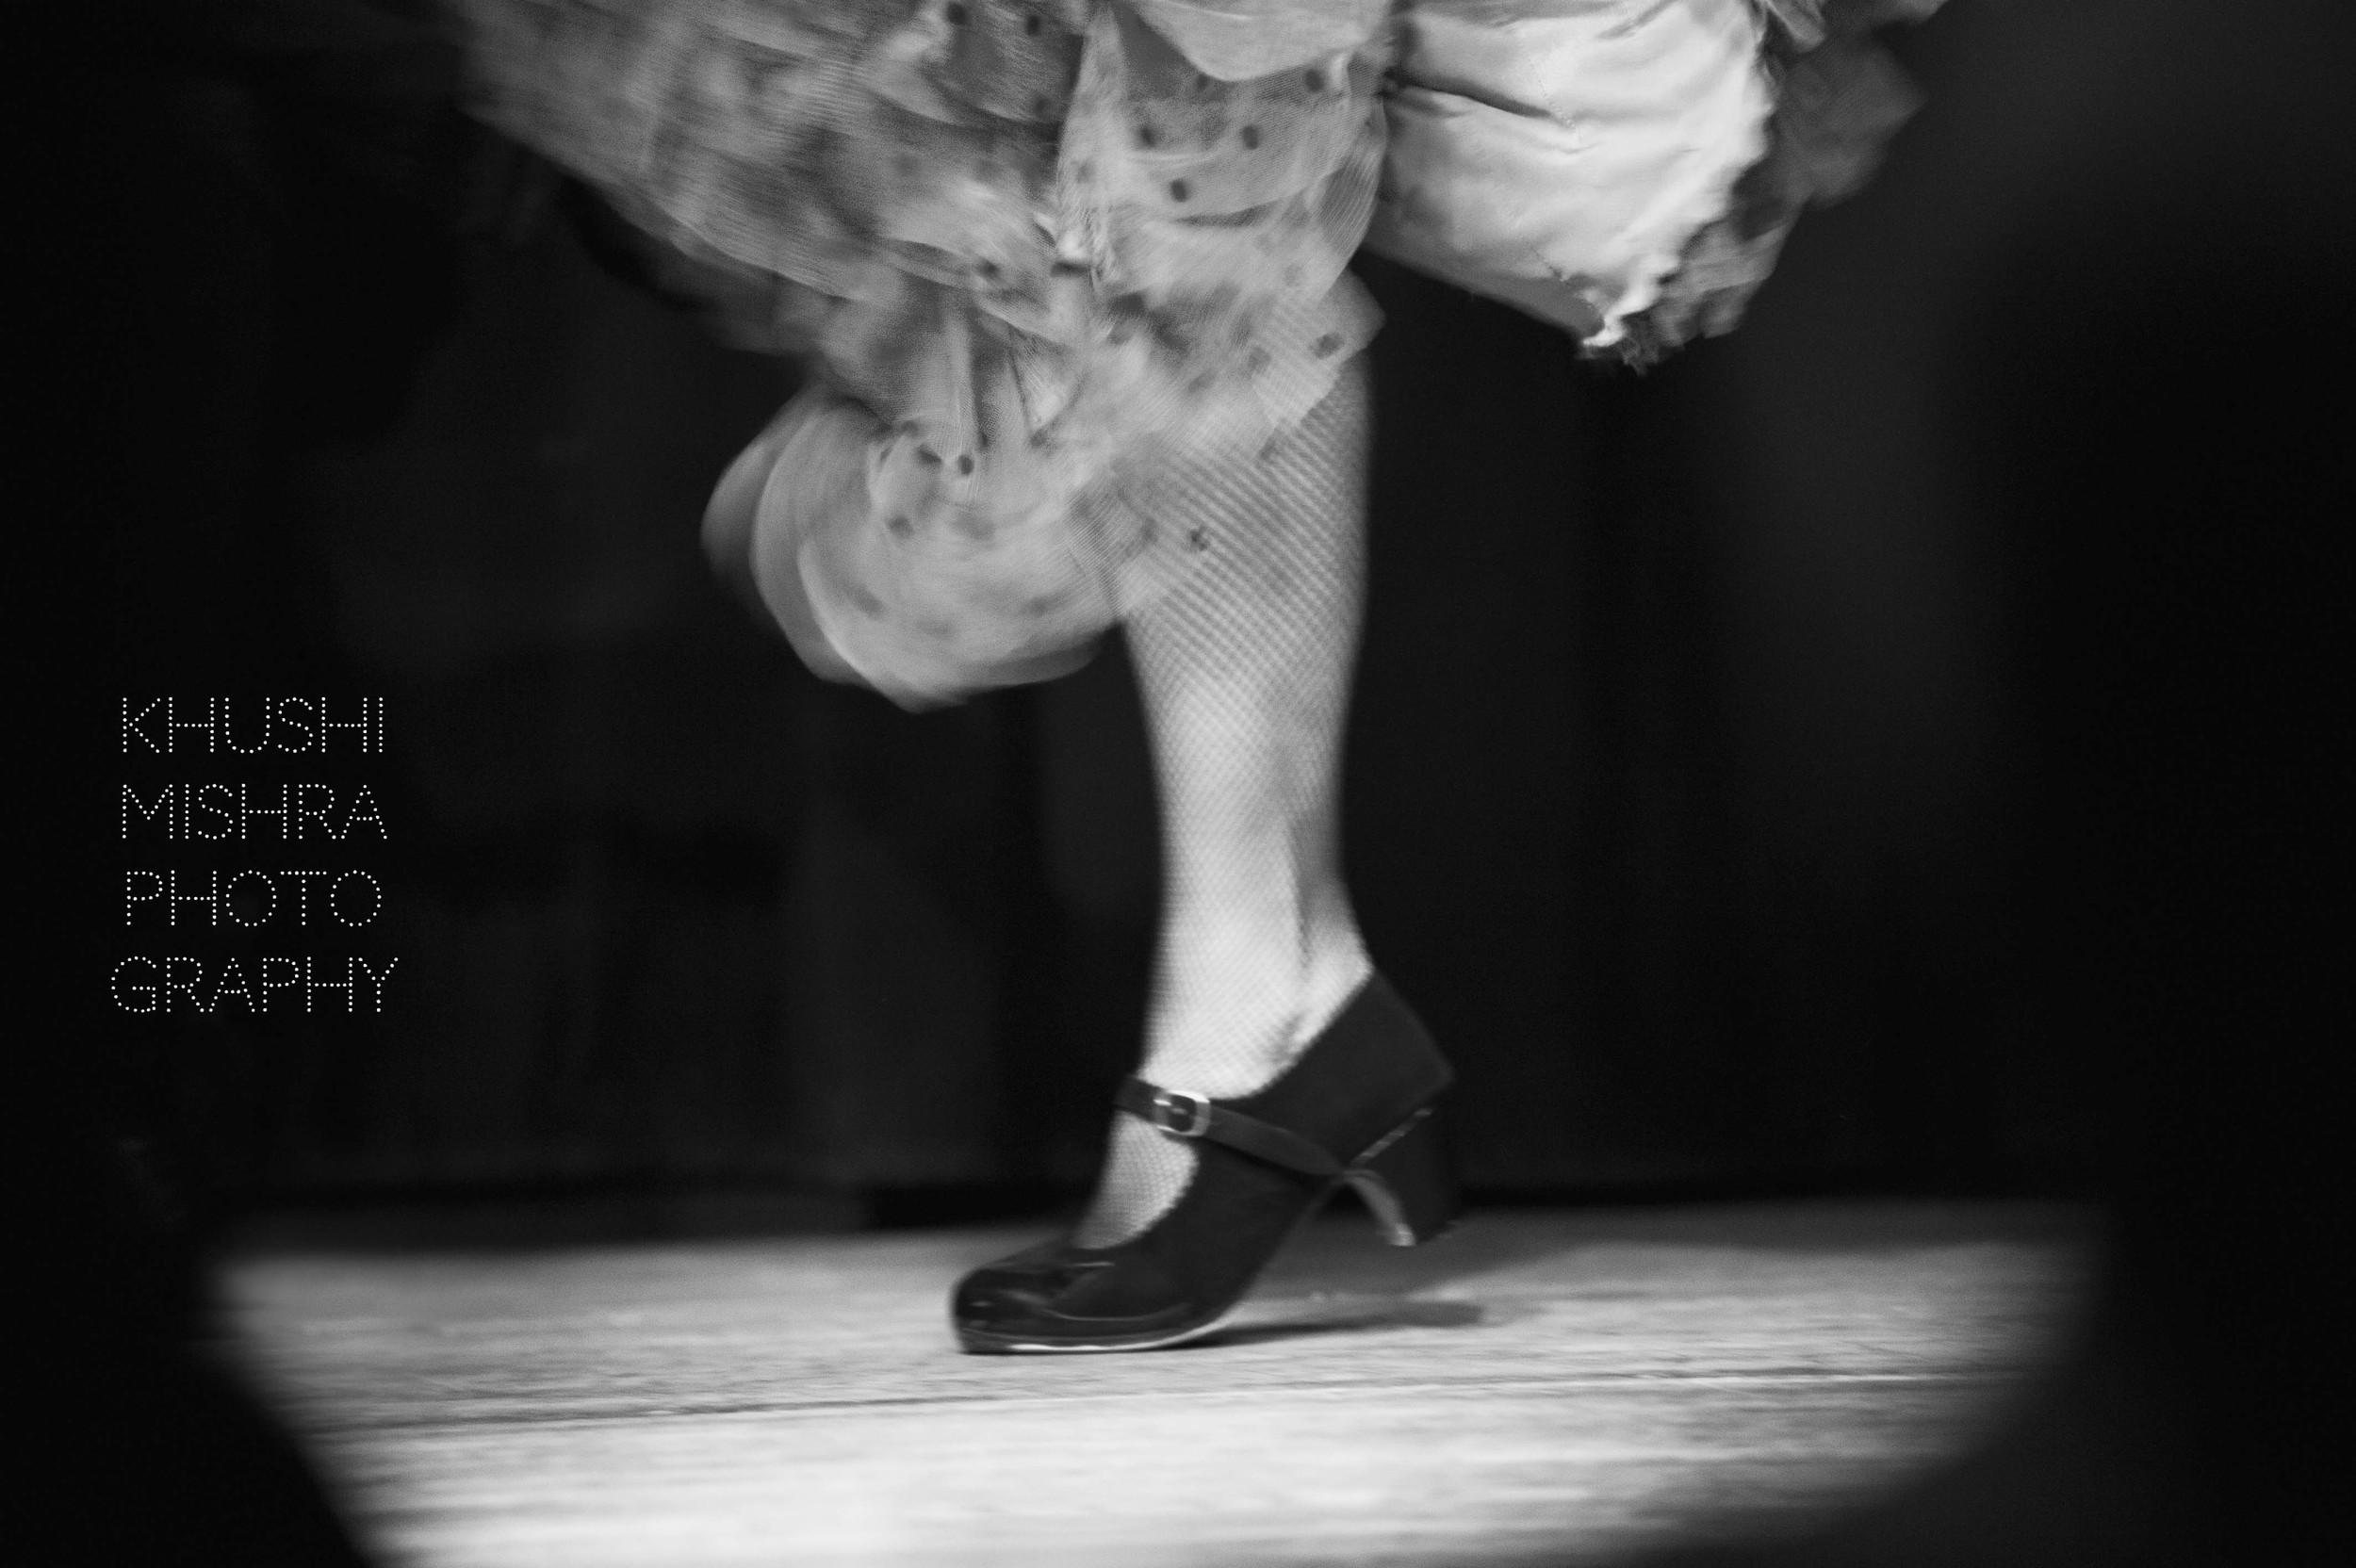 Flamenco_dsc_7966 copy.jpg